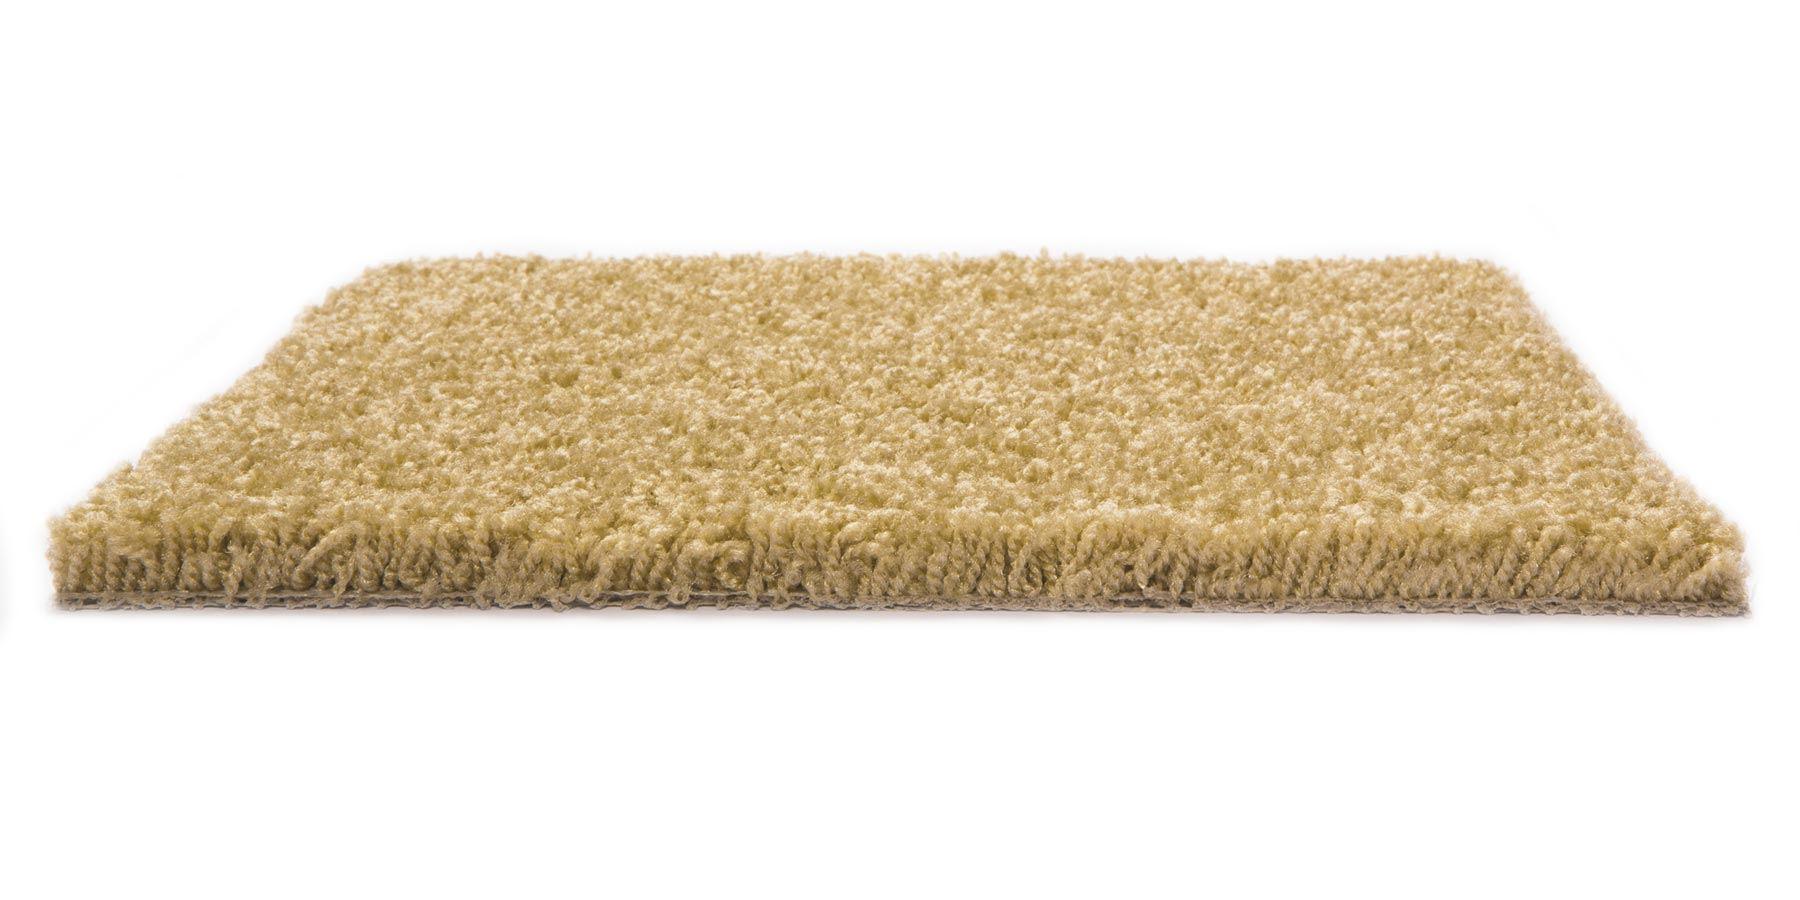 Pendleton Plush Carpet